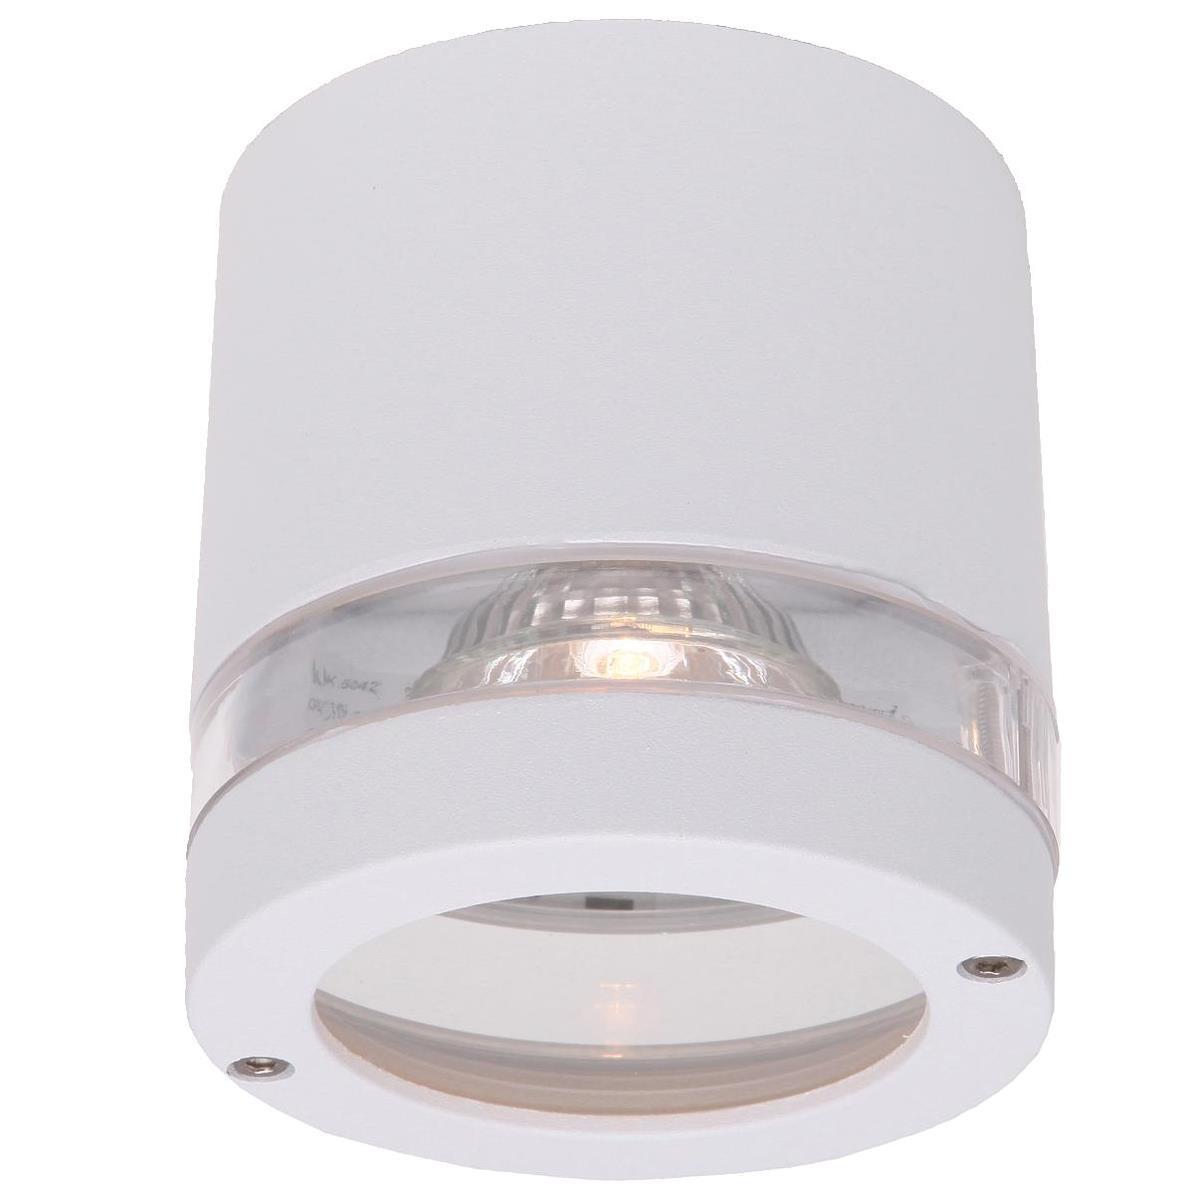 Billede af Focus Loftlampe Hvid - Nordlux